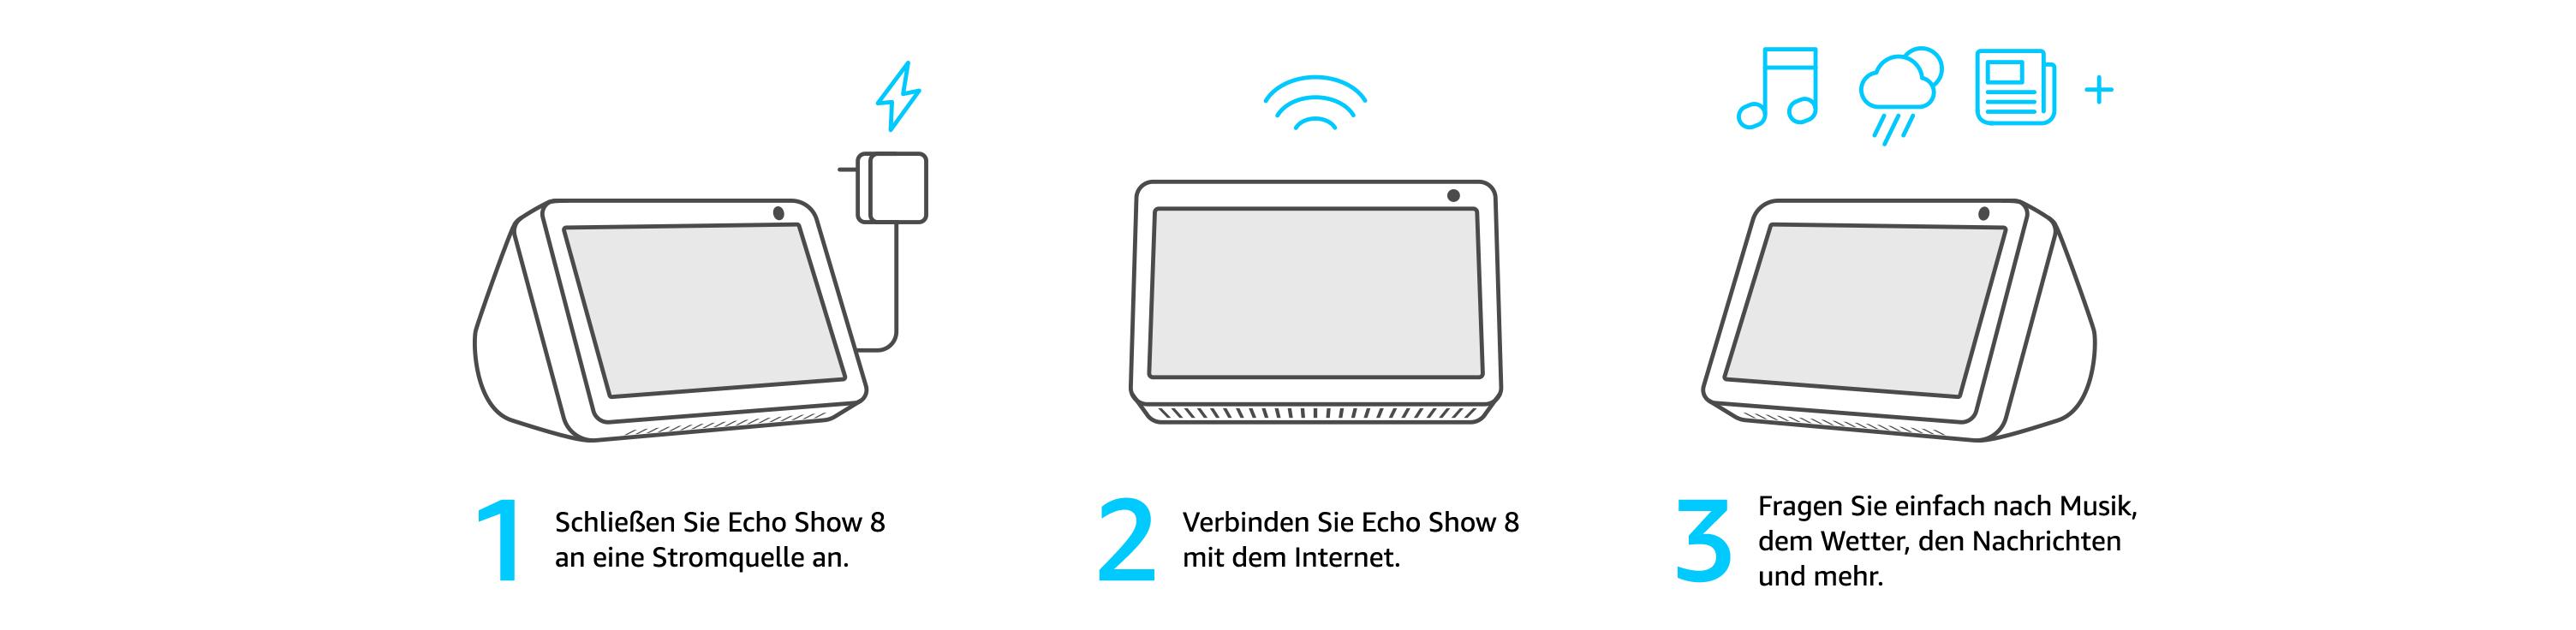 Echo Show 8 Anthrazit Stoff Blink Mini Kamera Funktioniert Mit Alexa Alle Produkte